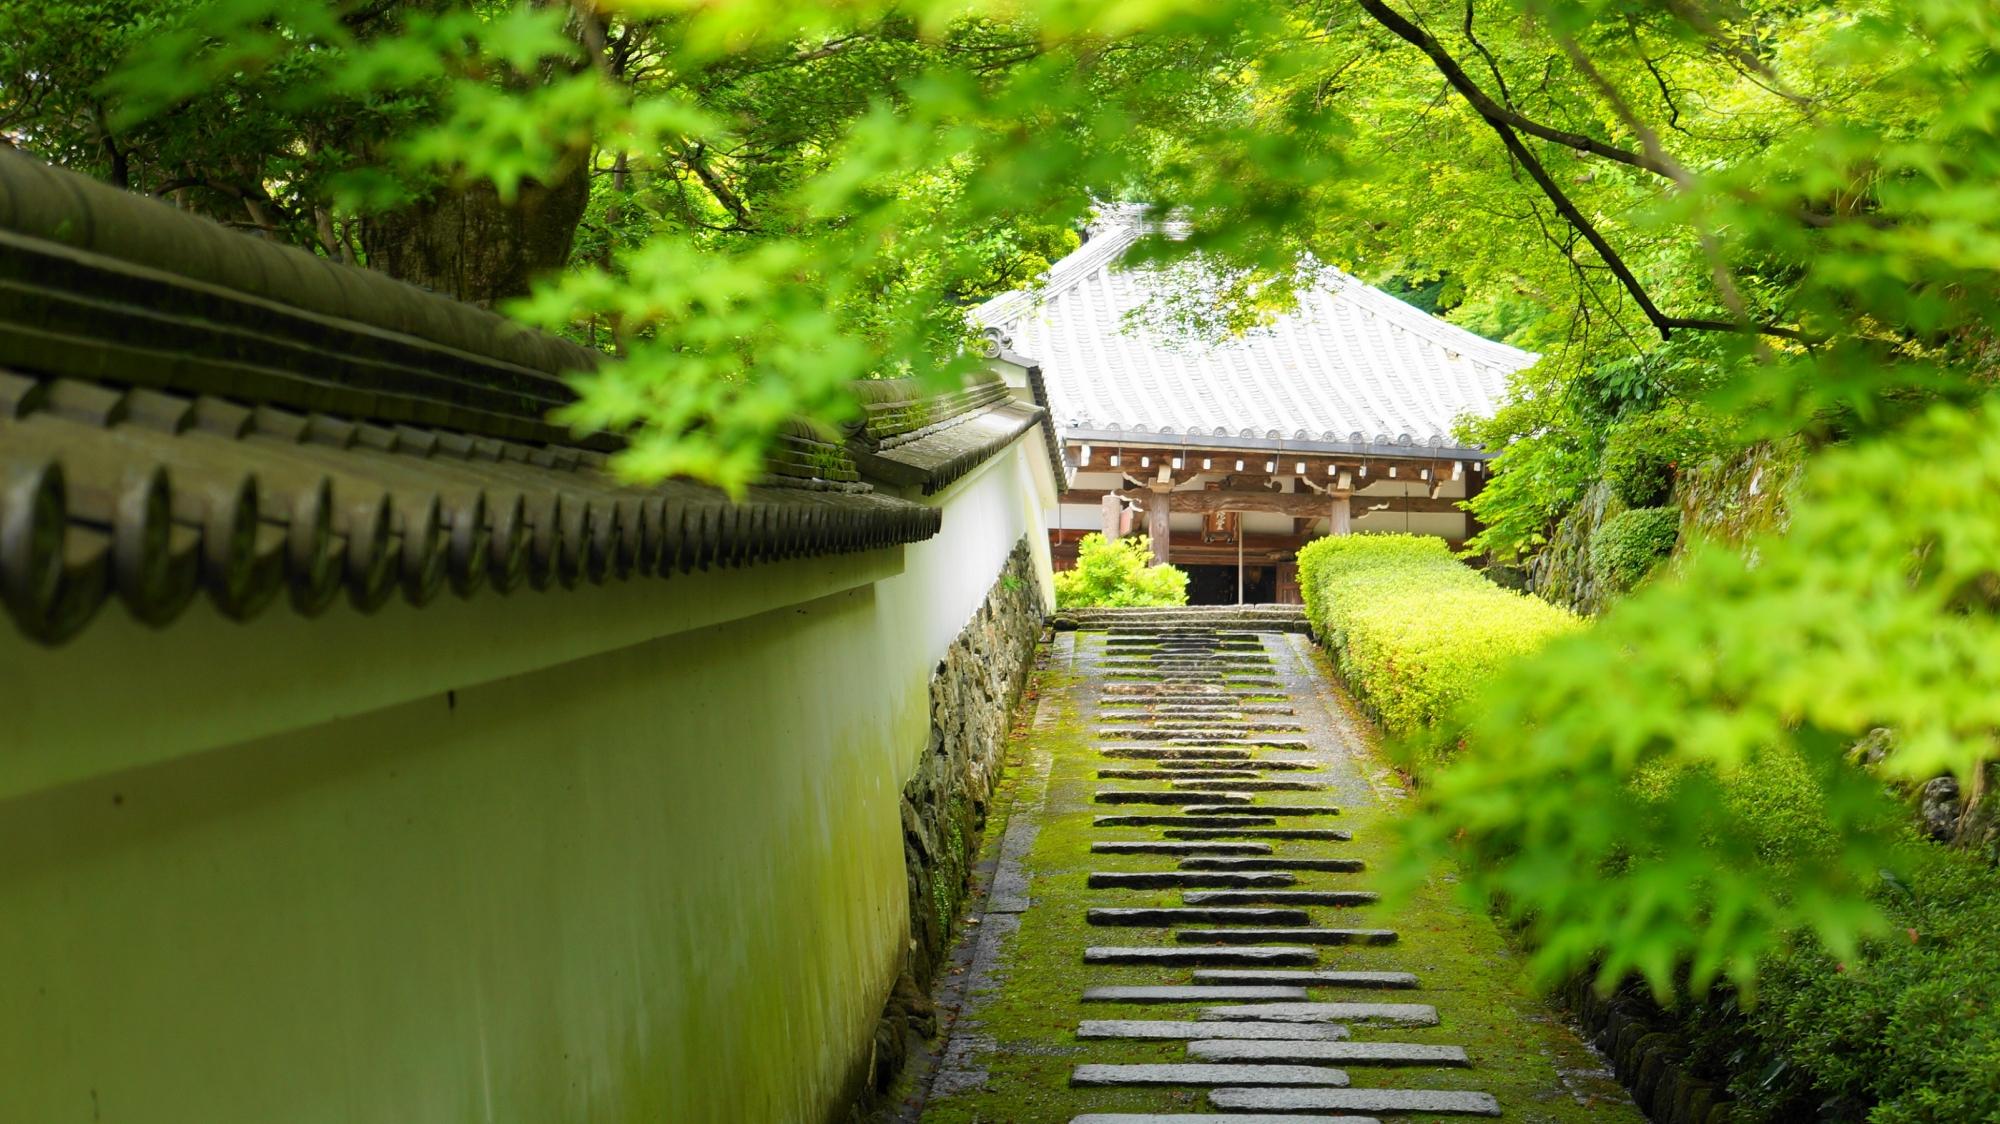 眩い新緑にそまる善峯寺の阿弥陀堂